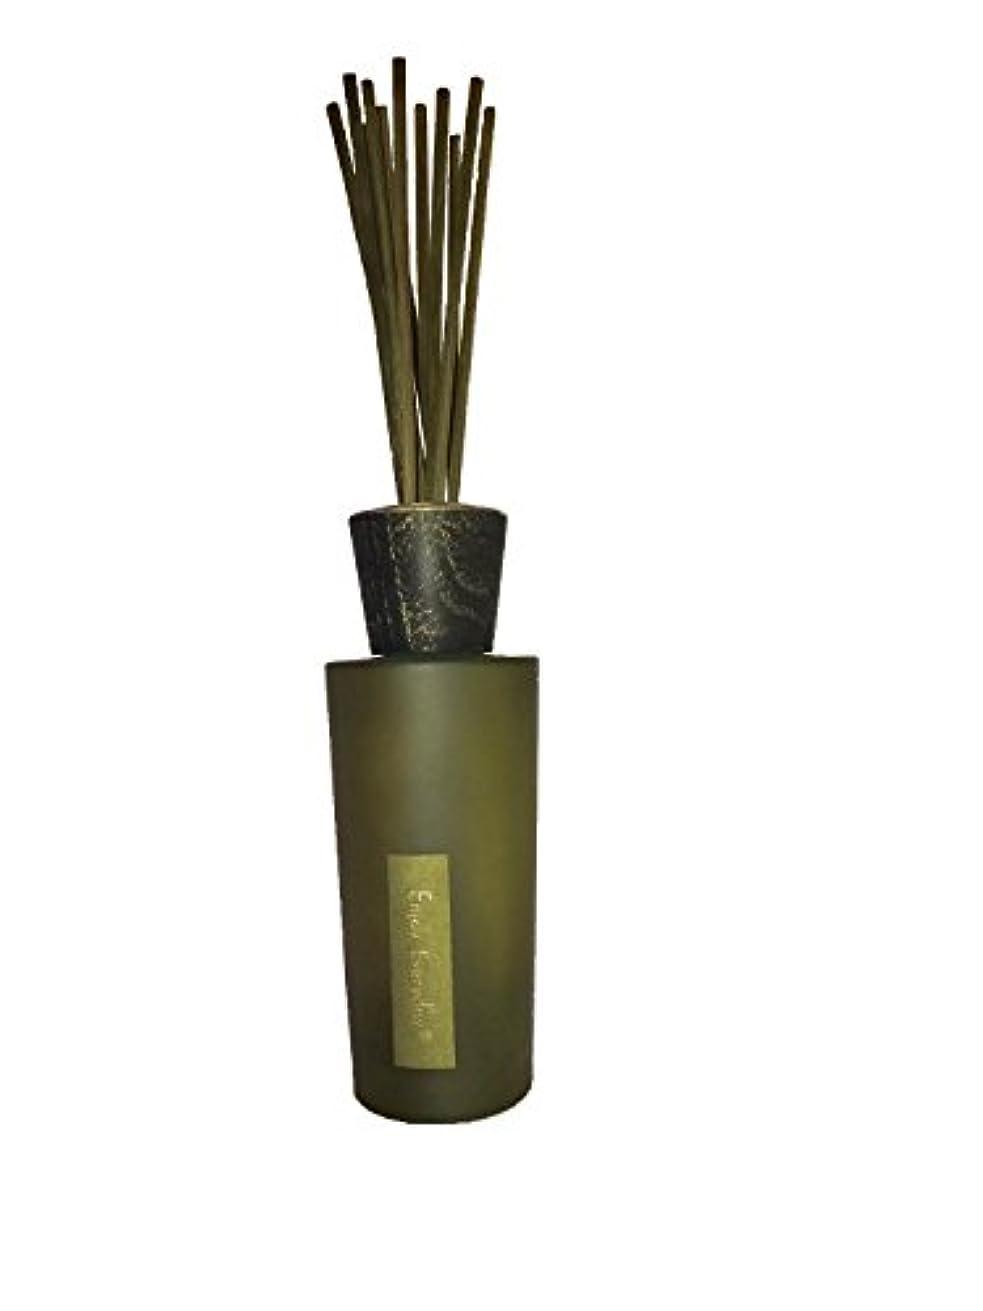 それ悪性縫い目40%OFF!【Branch of Aroma】100%天然アロマスティックディフューザー-9種の香り- (200ml) (わくわくFruit)